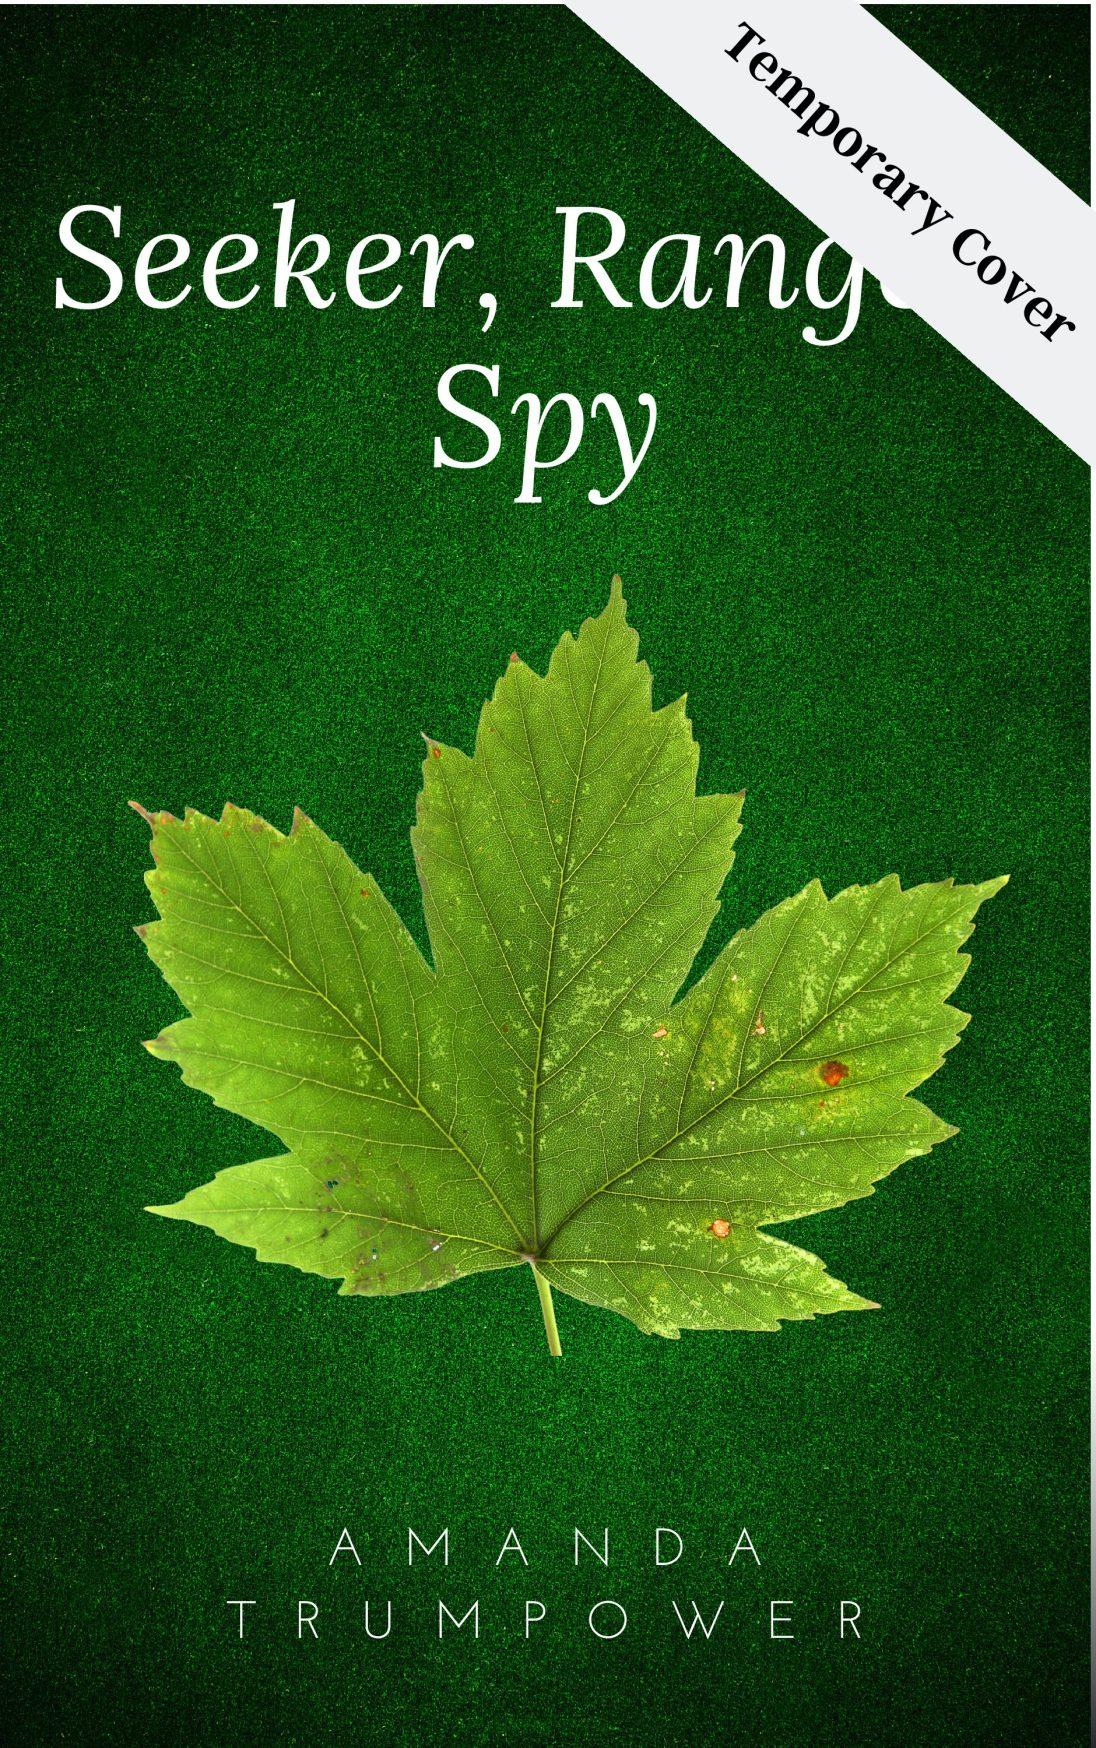 Seeker, Ranger, Spy